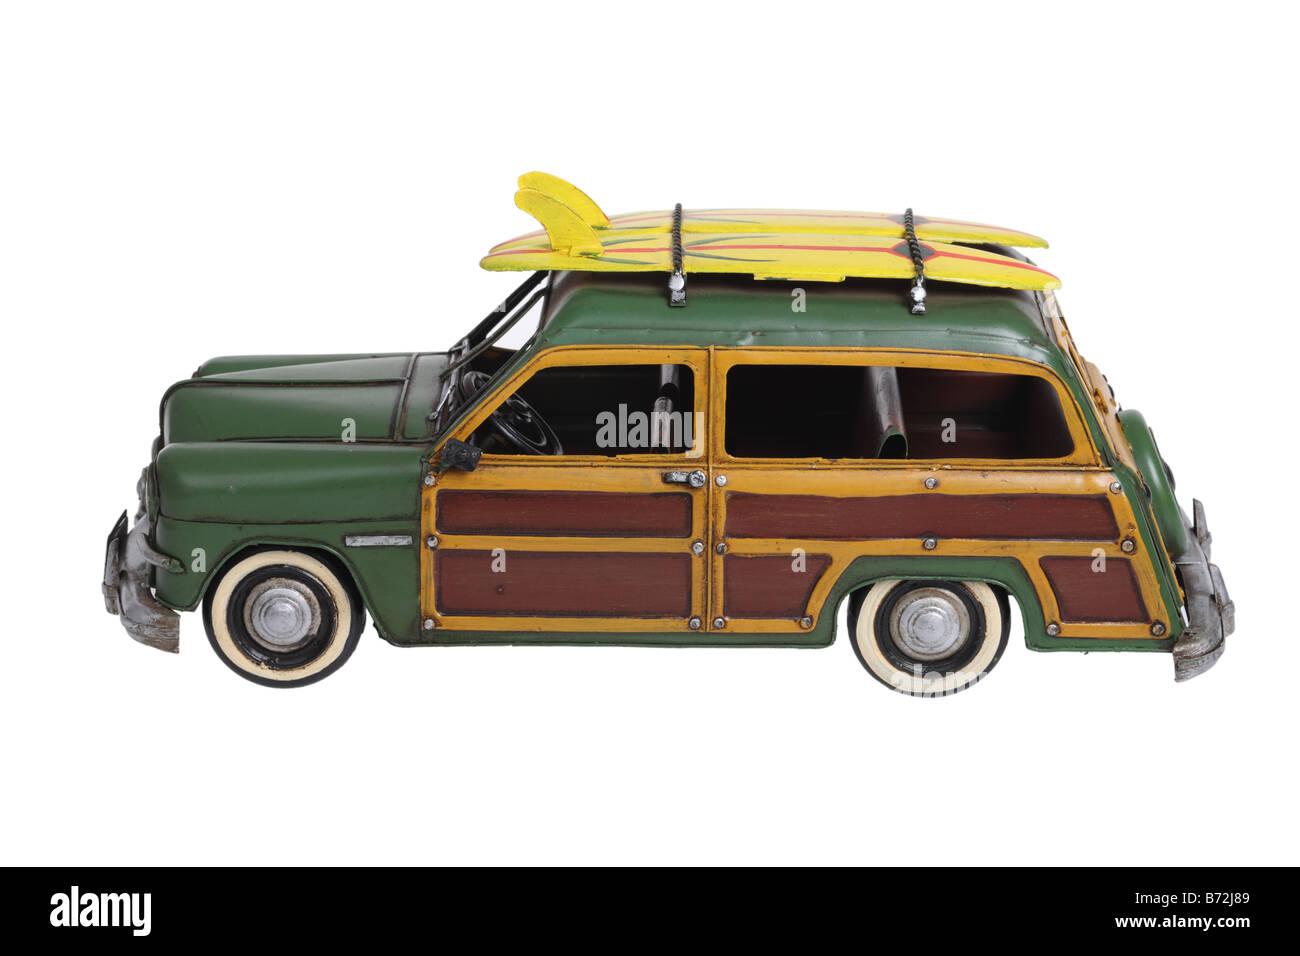 Woody classique modèle automobile surf découper sur fond blanc Photo Stock